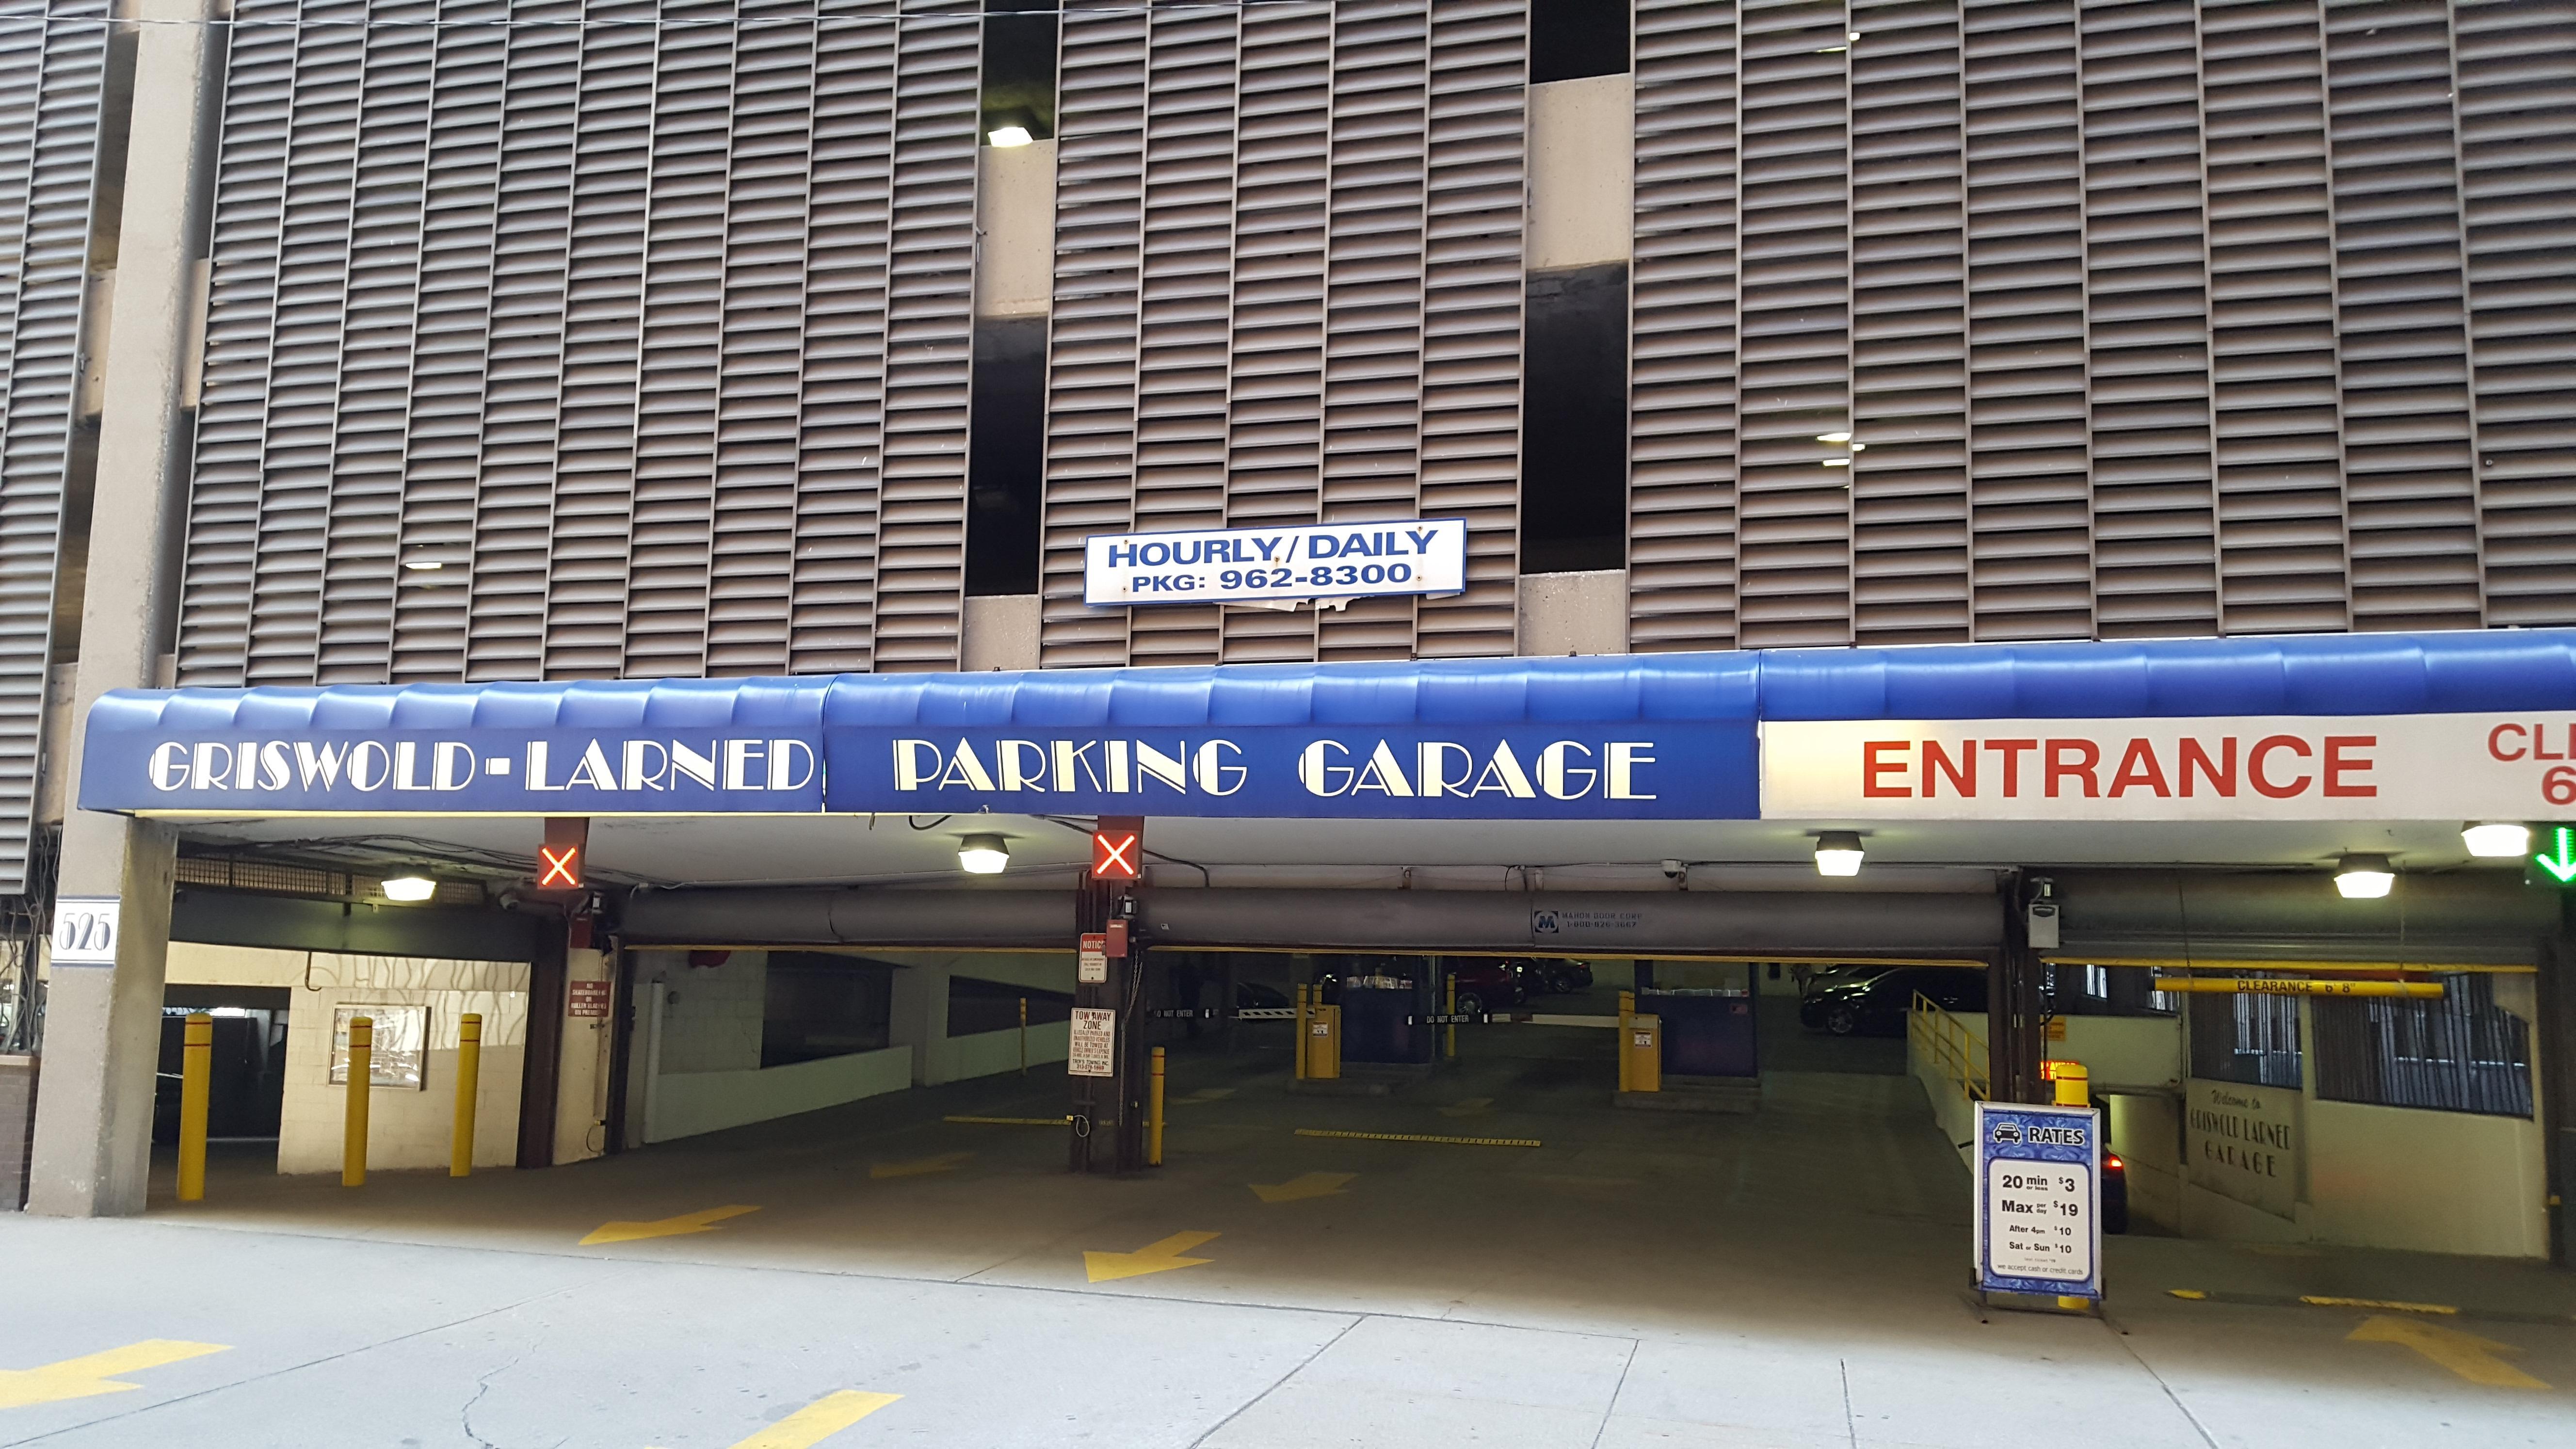 griswold larned parking garage parking in detroit parkme. Black Bedroom Furniture Sets. Home Design Ideas